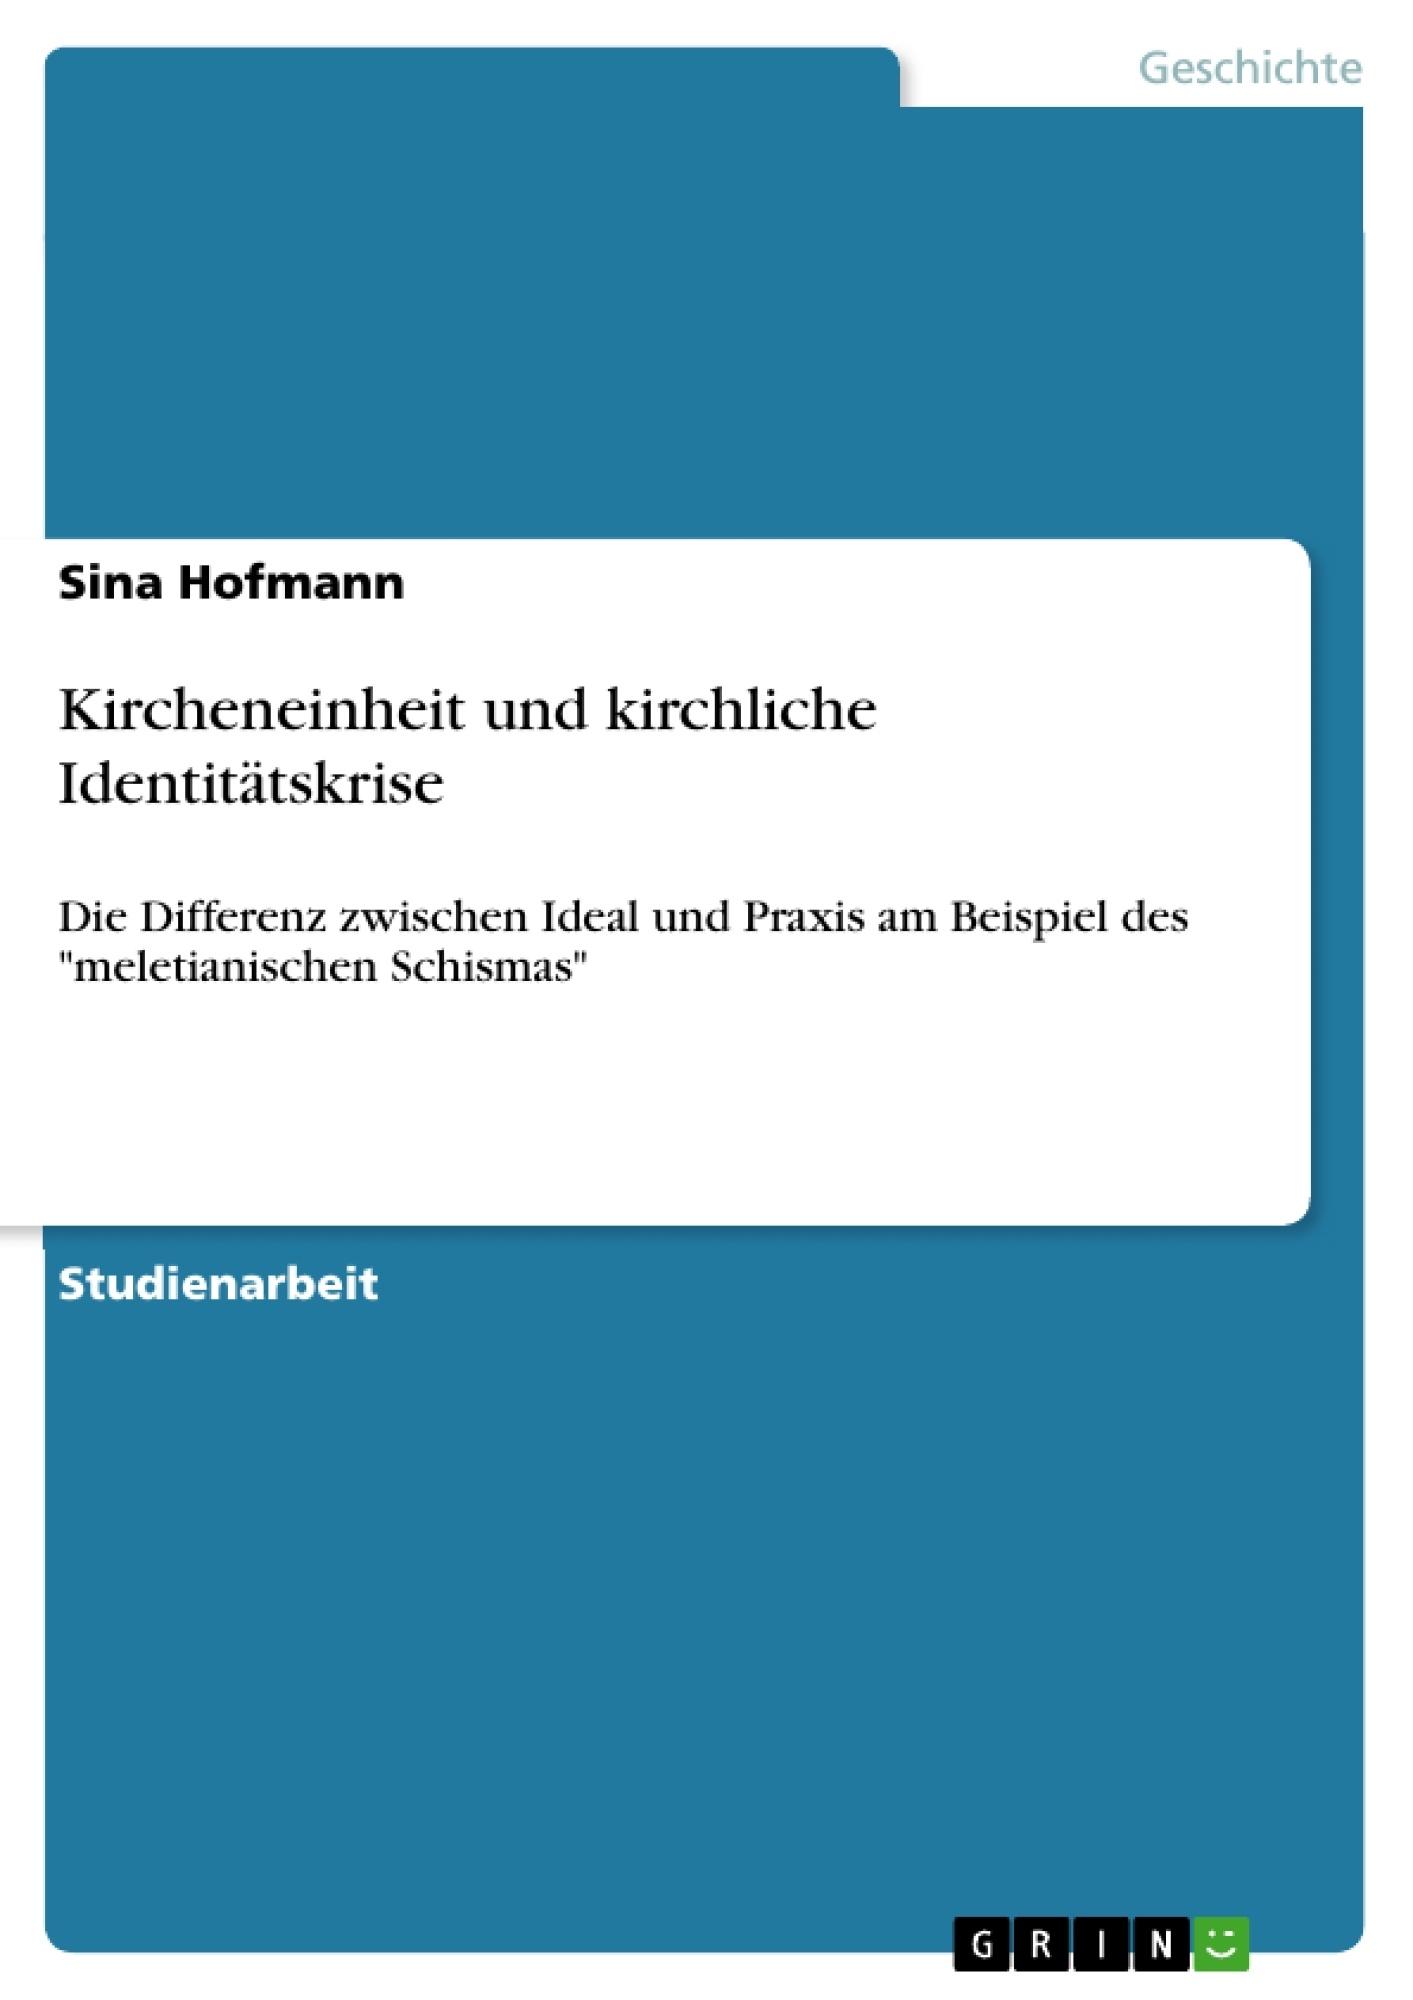 Titel: Kircheneinheit und kirchliche Identitätskrise